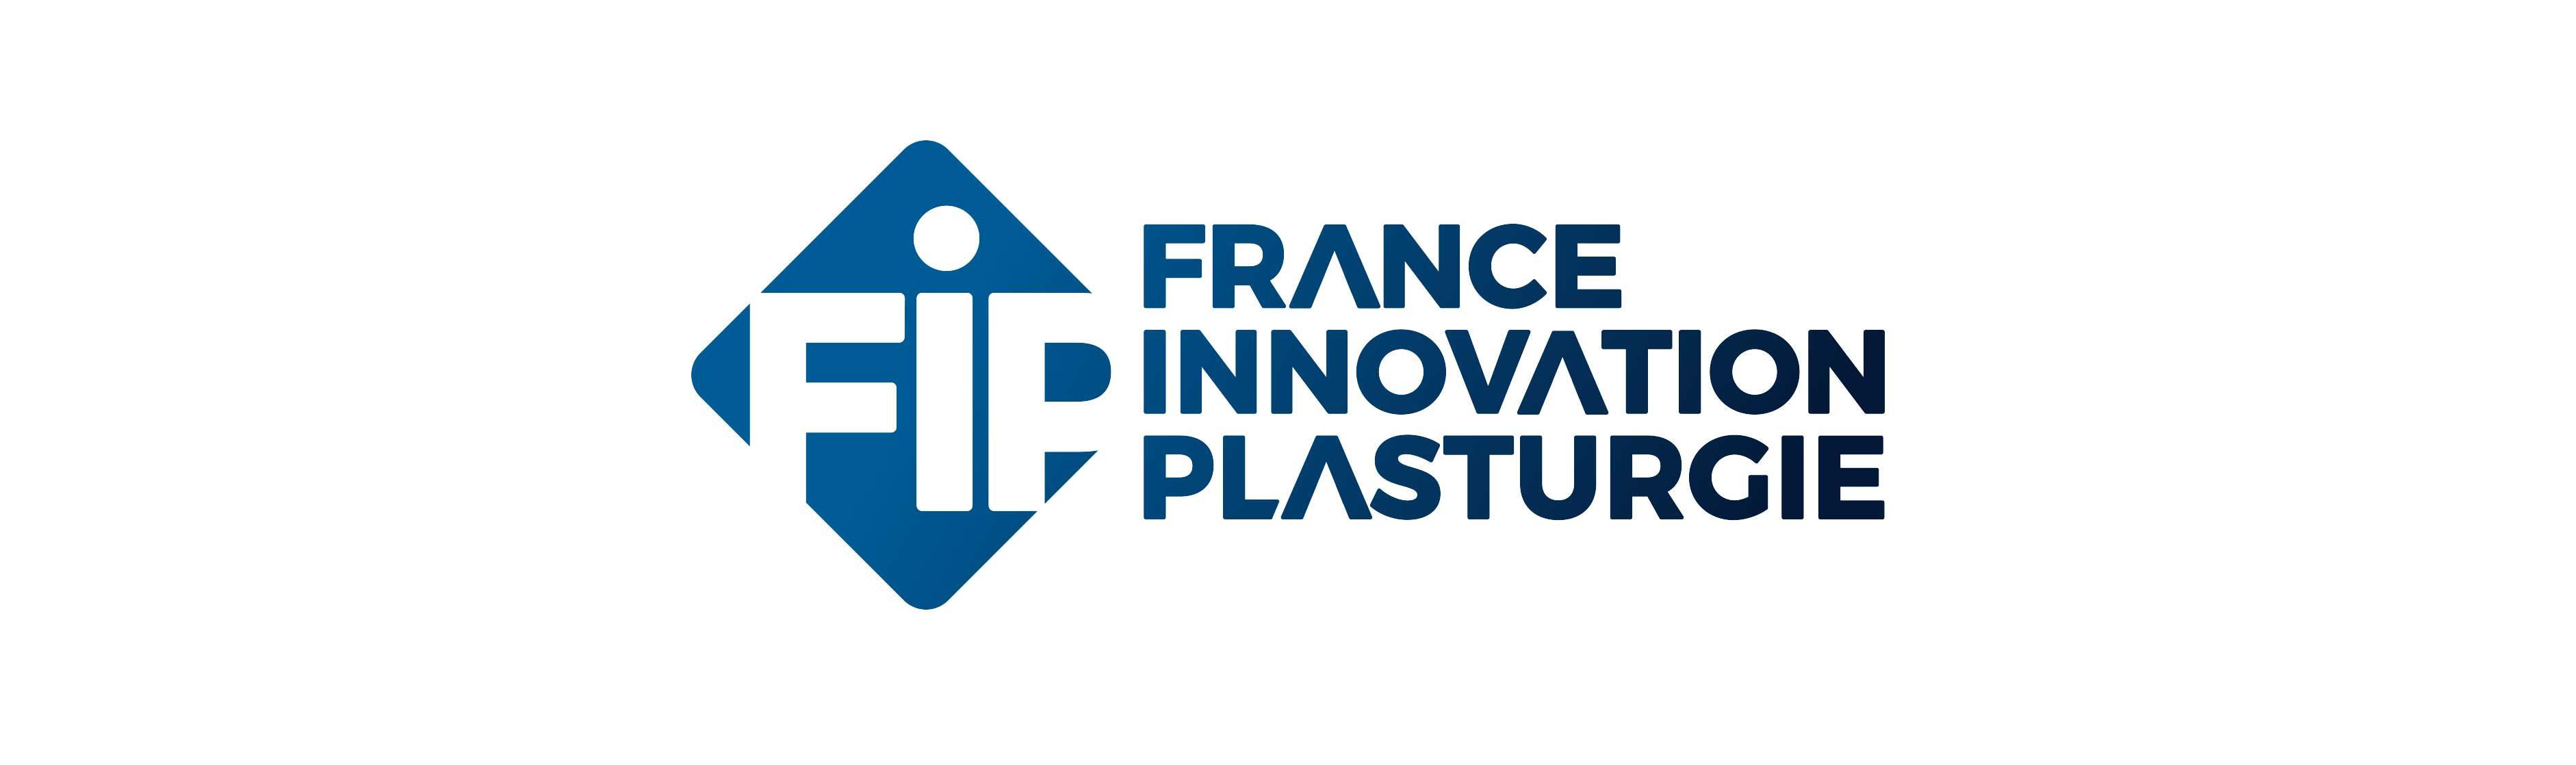 France Innovation Plasturgie